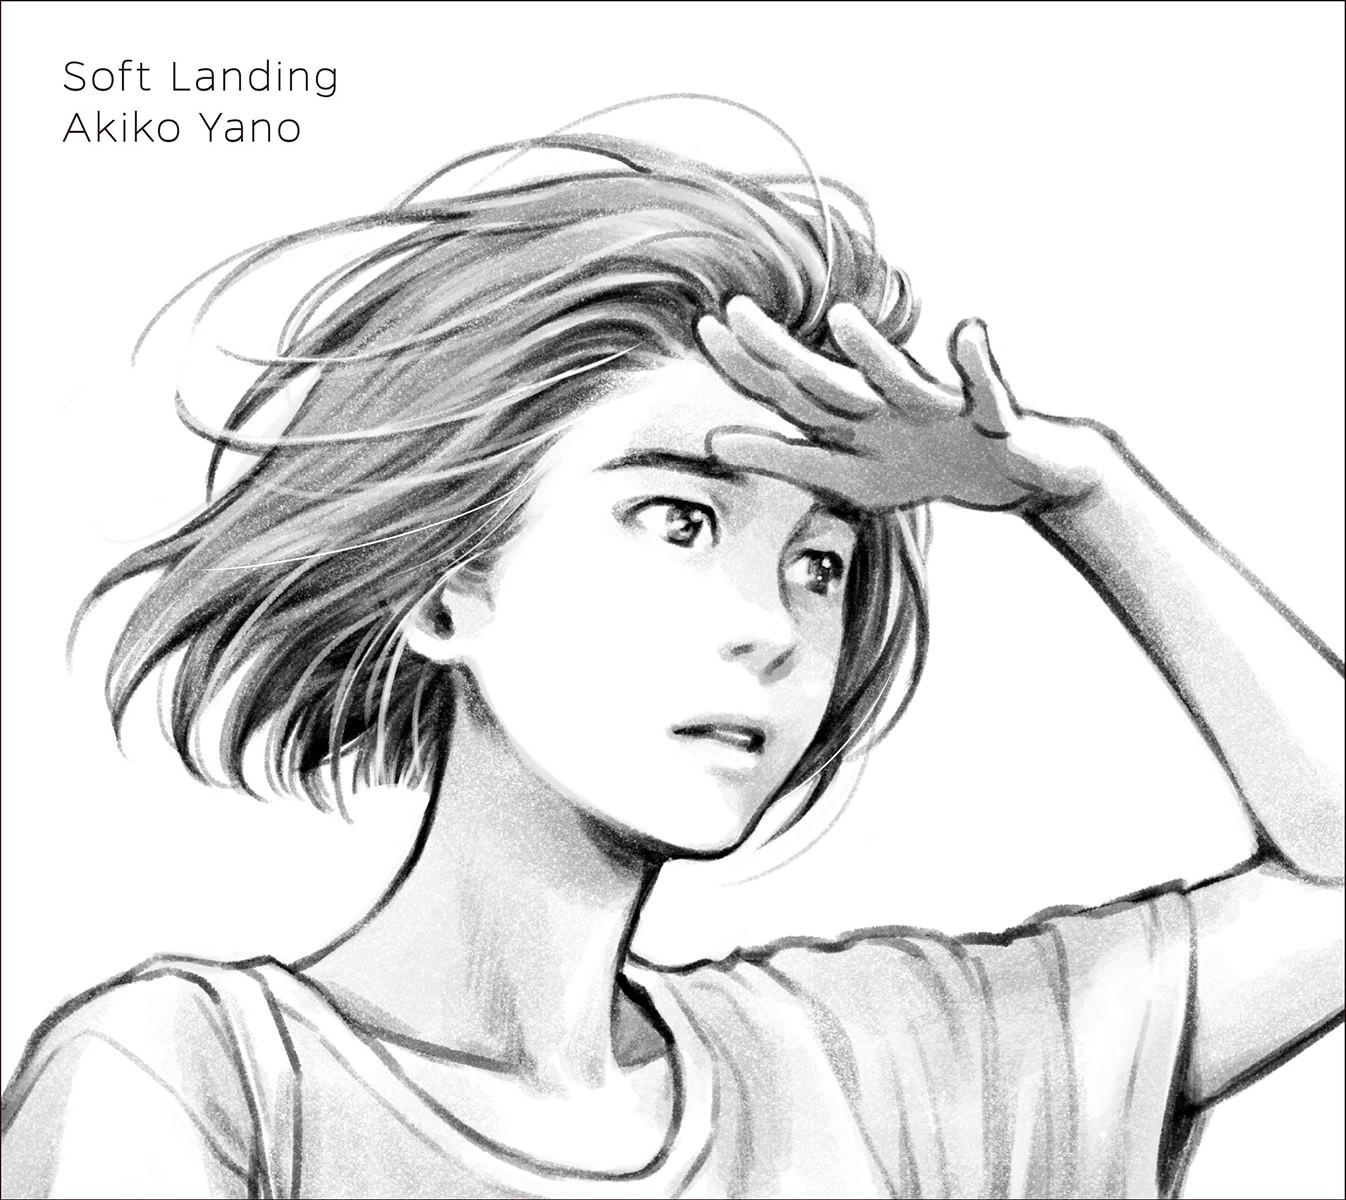 「矢野顕子 ニューアルバム」の画像検索結果